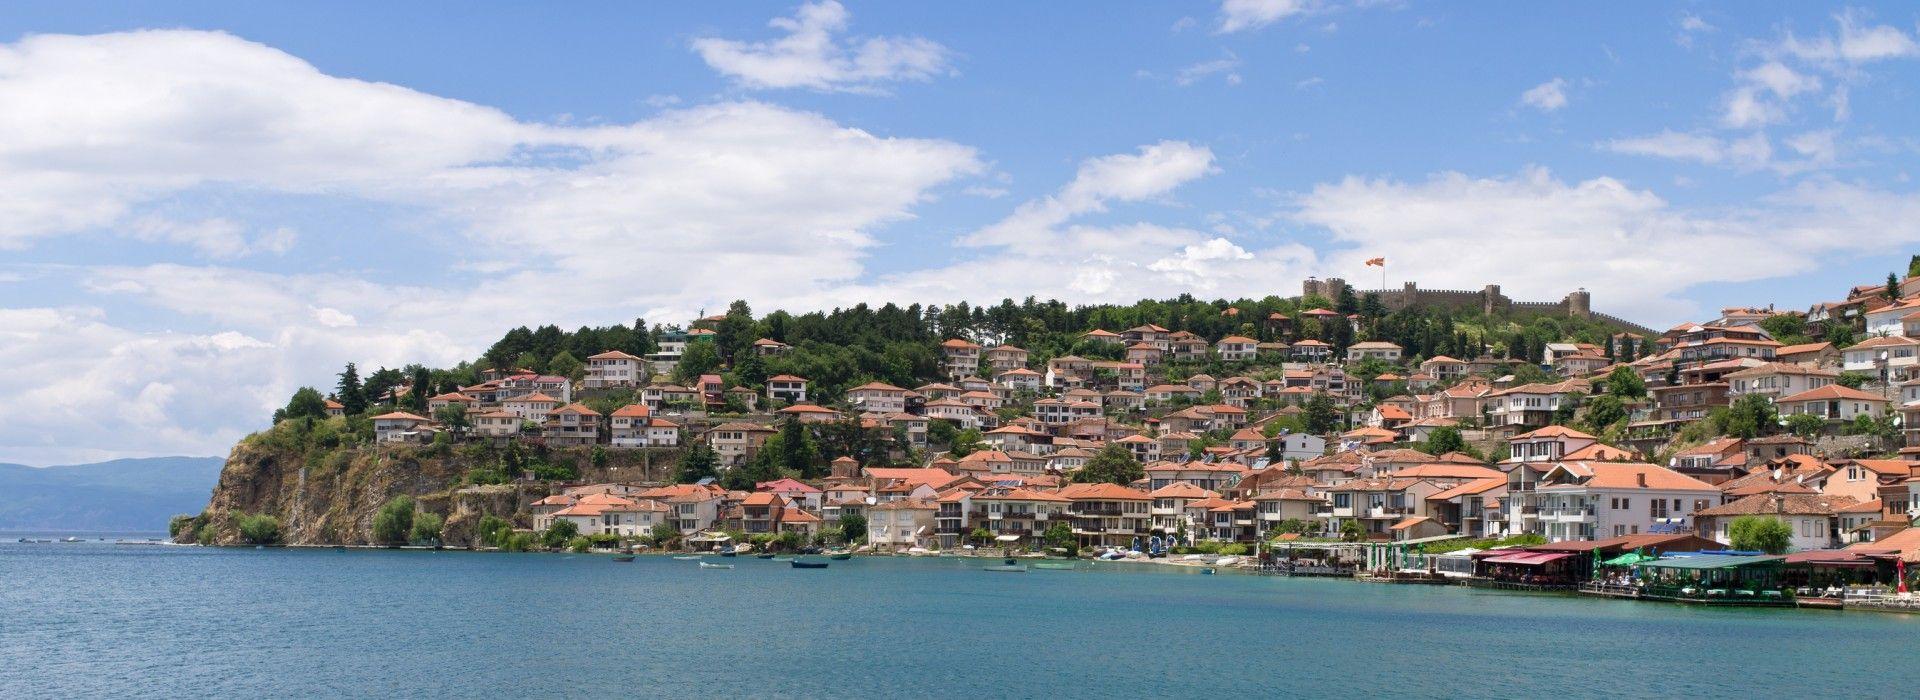 Macedonia Tours and Trips to Macedonia